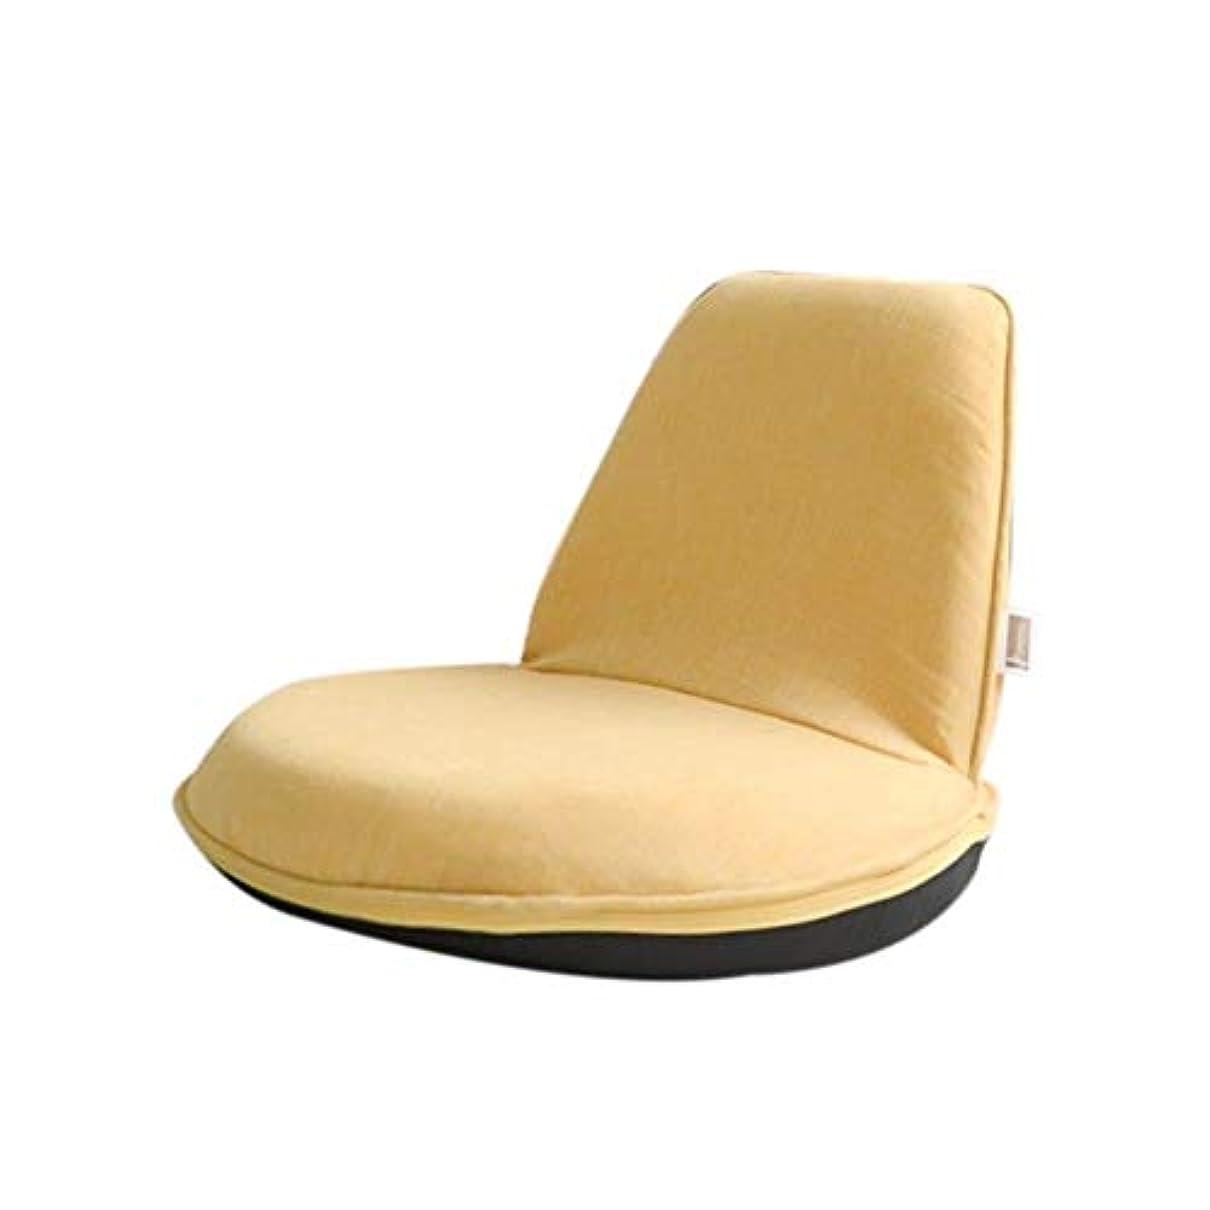 くるみ受粉者誤瞑想チェア、レイジーチェア、子供用シングルミニ折りたたみフロアチェア、ベッドルームレイジースモールソファ、ゲームチェア、畳、背もたれ付きベッドルームベイウィンドウ日本の椅子 (Color : 黄)